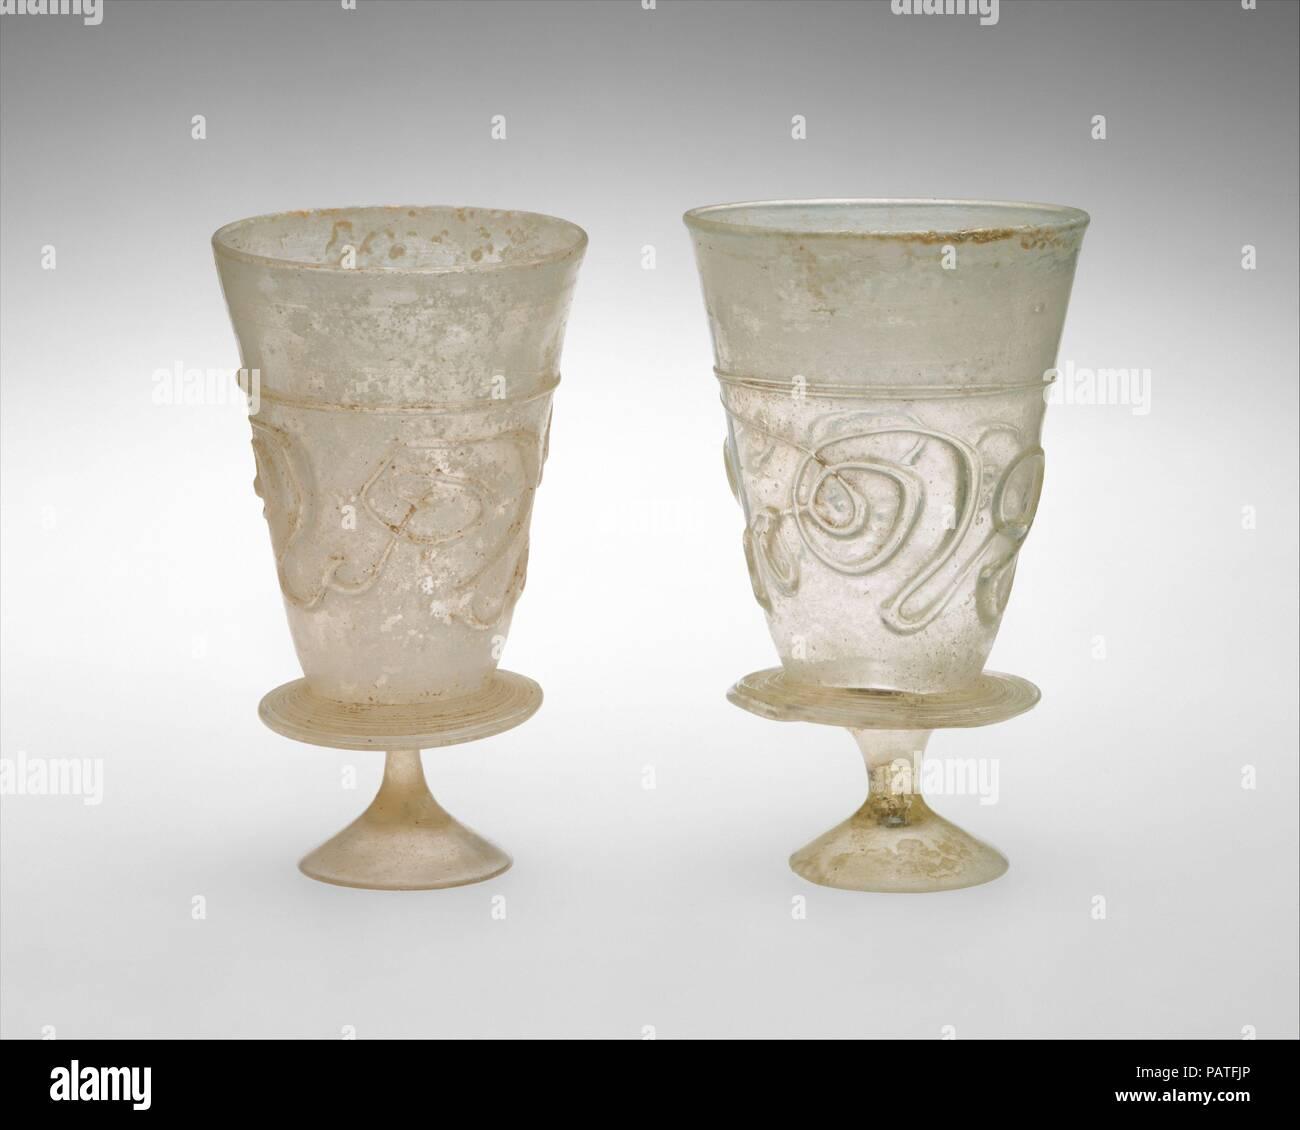 Coppe con decorazione applicata. Data: 11th-inizi del XII secolo. Questi matcing calici sono formate ciascuna da una coppa conica attaccato ad un piccolo, solido e strombate piede derivava da una flangia circolare applicata intorno alla base del bicchiere. Essi sono fatti di colore giallastro vetro incolore che contiene molte piccole bolle. Entrambe le coppe sono decorate con una ininterrotta sentiero applicata nello stesso colore giallognolo, che forma una linea orizzontale di circa due terzi dell'altezza e continua qui sotto per creare un fantasioso, configurazione astratta di parentesi progetta attorno al bicchiere. La decorazione può essere letto più chiaramente quando la coppa è Foto Stock